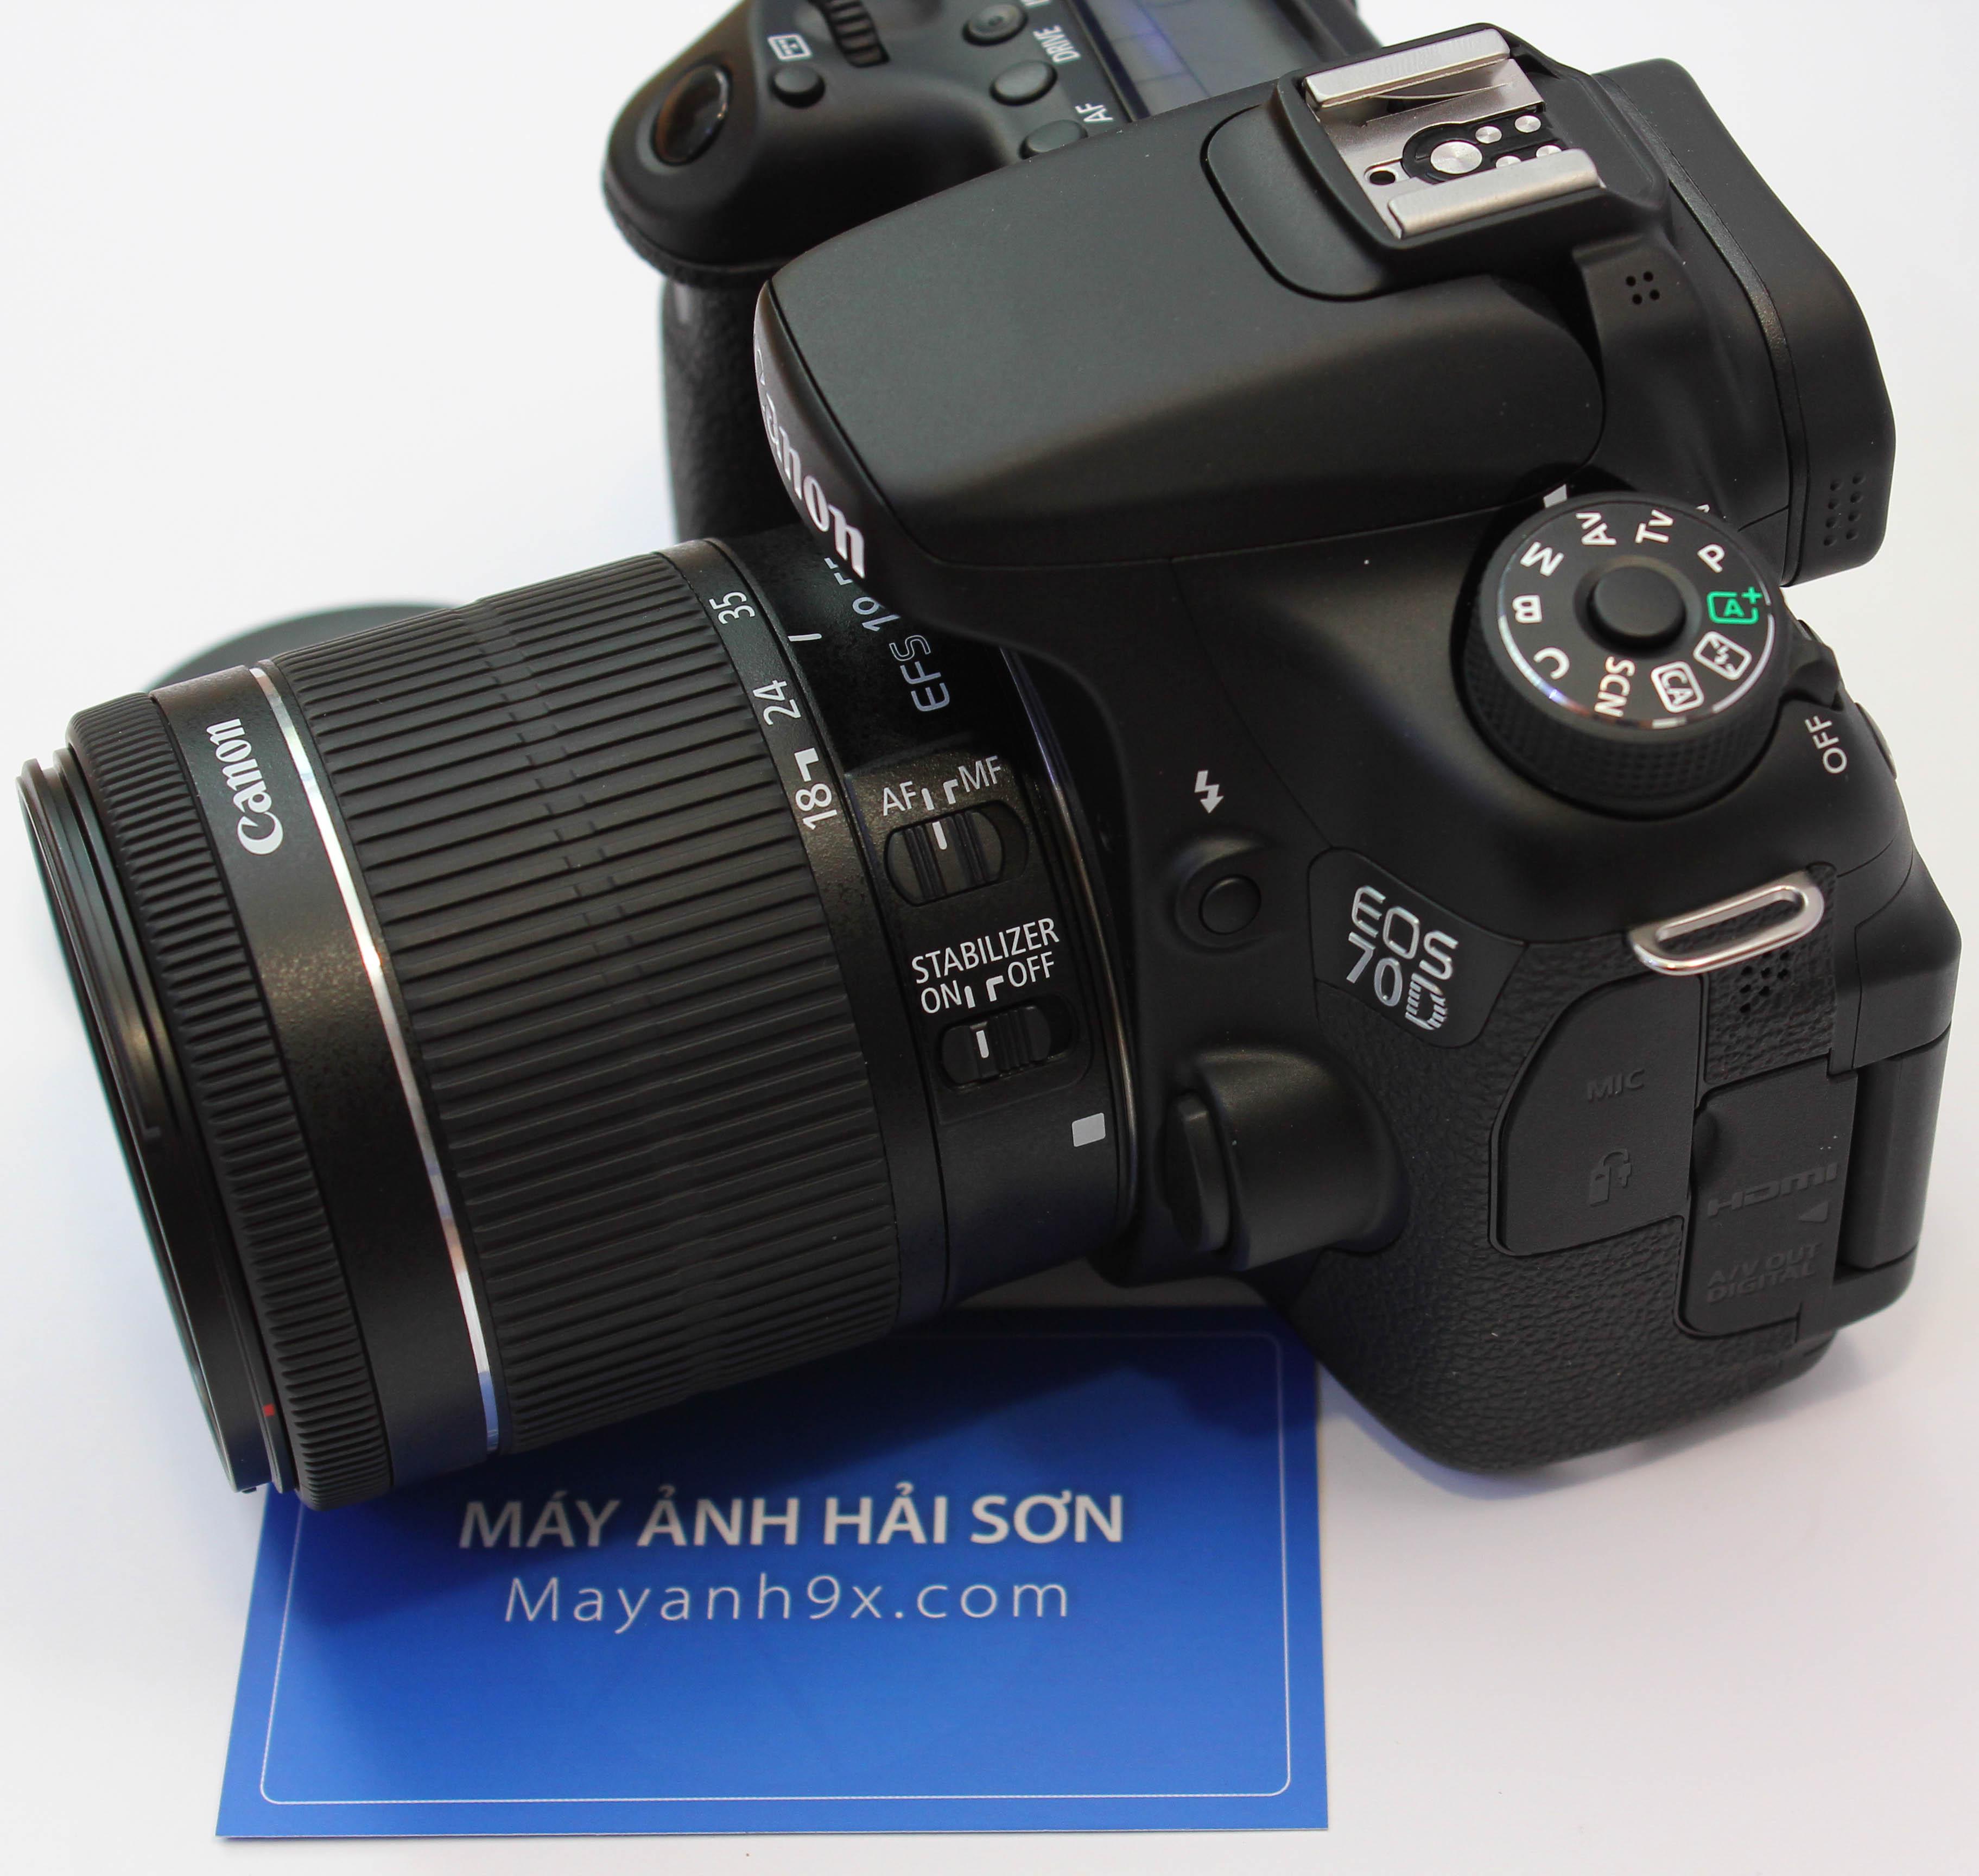 Mẫu máy ảnh DSLR bán chuyên mới nhất của Canon mang tên gọi Canon 70Dvừa được giới thiệu sau gần 3 năm Canon đưa ra phiên bản EOS 60D.